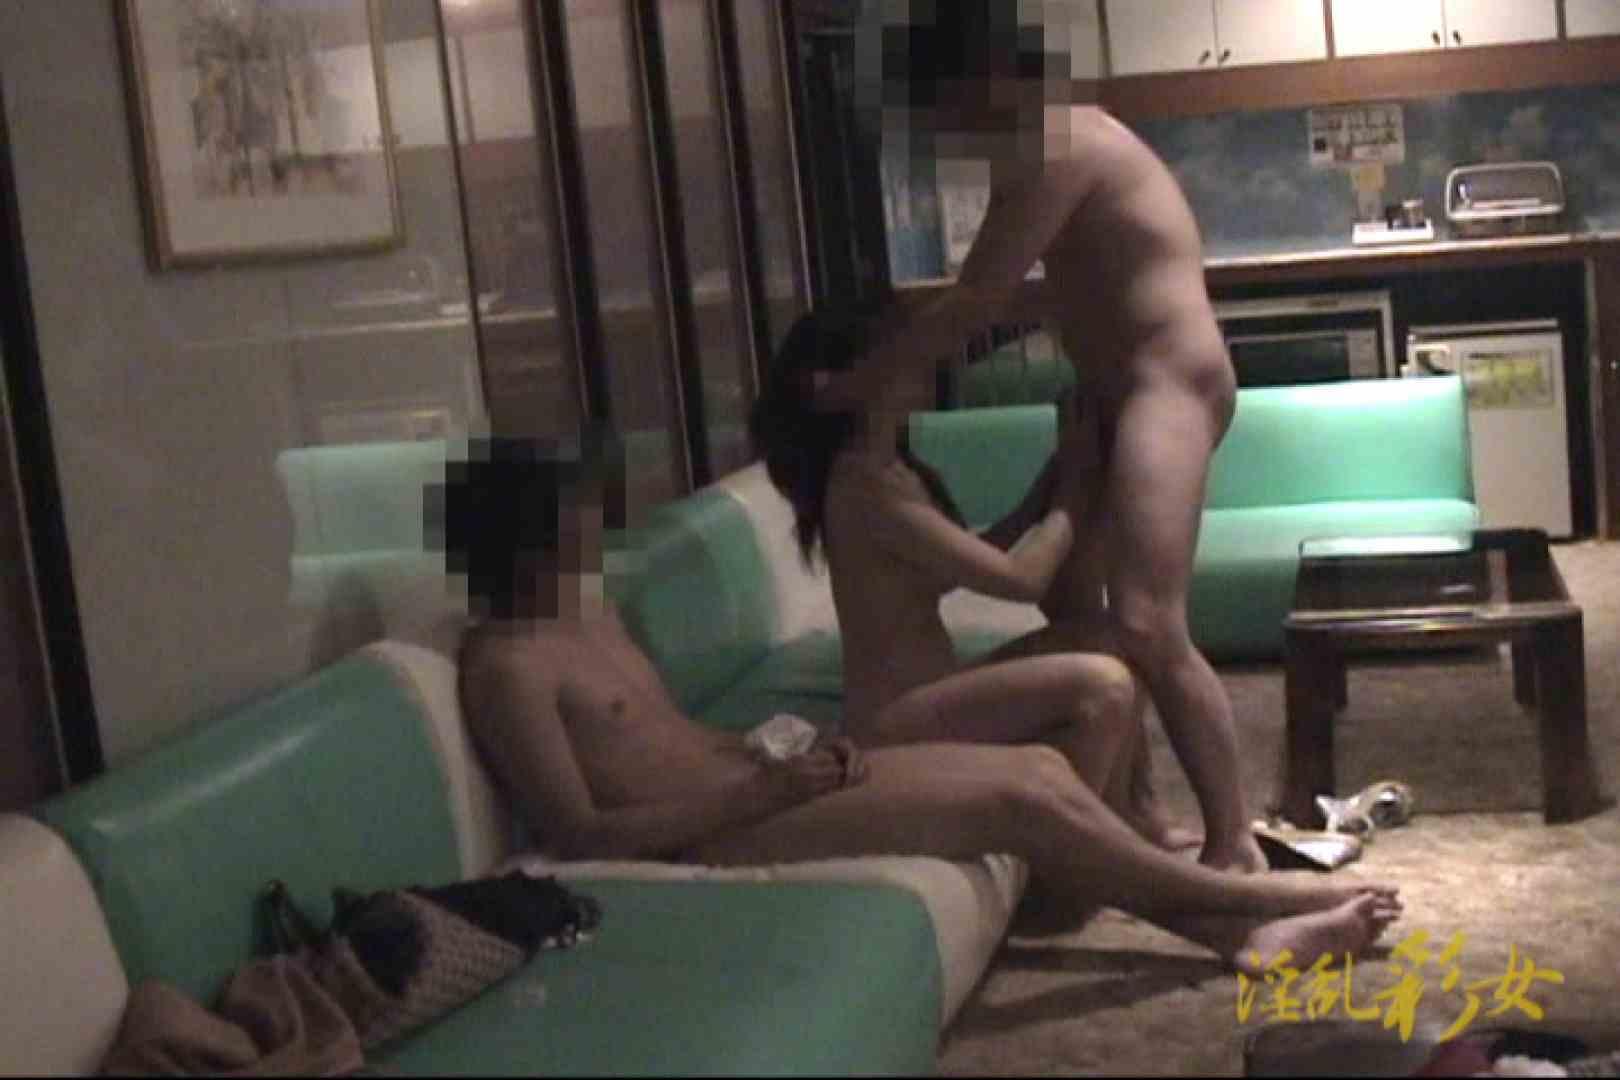 淫乱彩女 麻優里 ホテルで3P絶倫編2 ホテル | 一般投稿  94pic 71